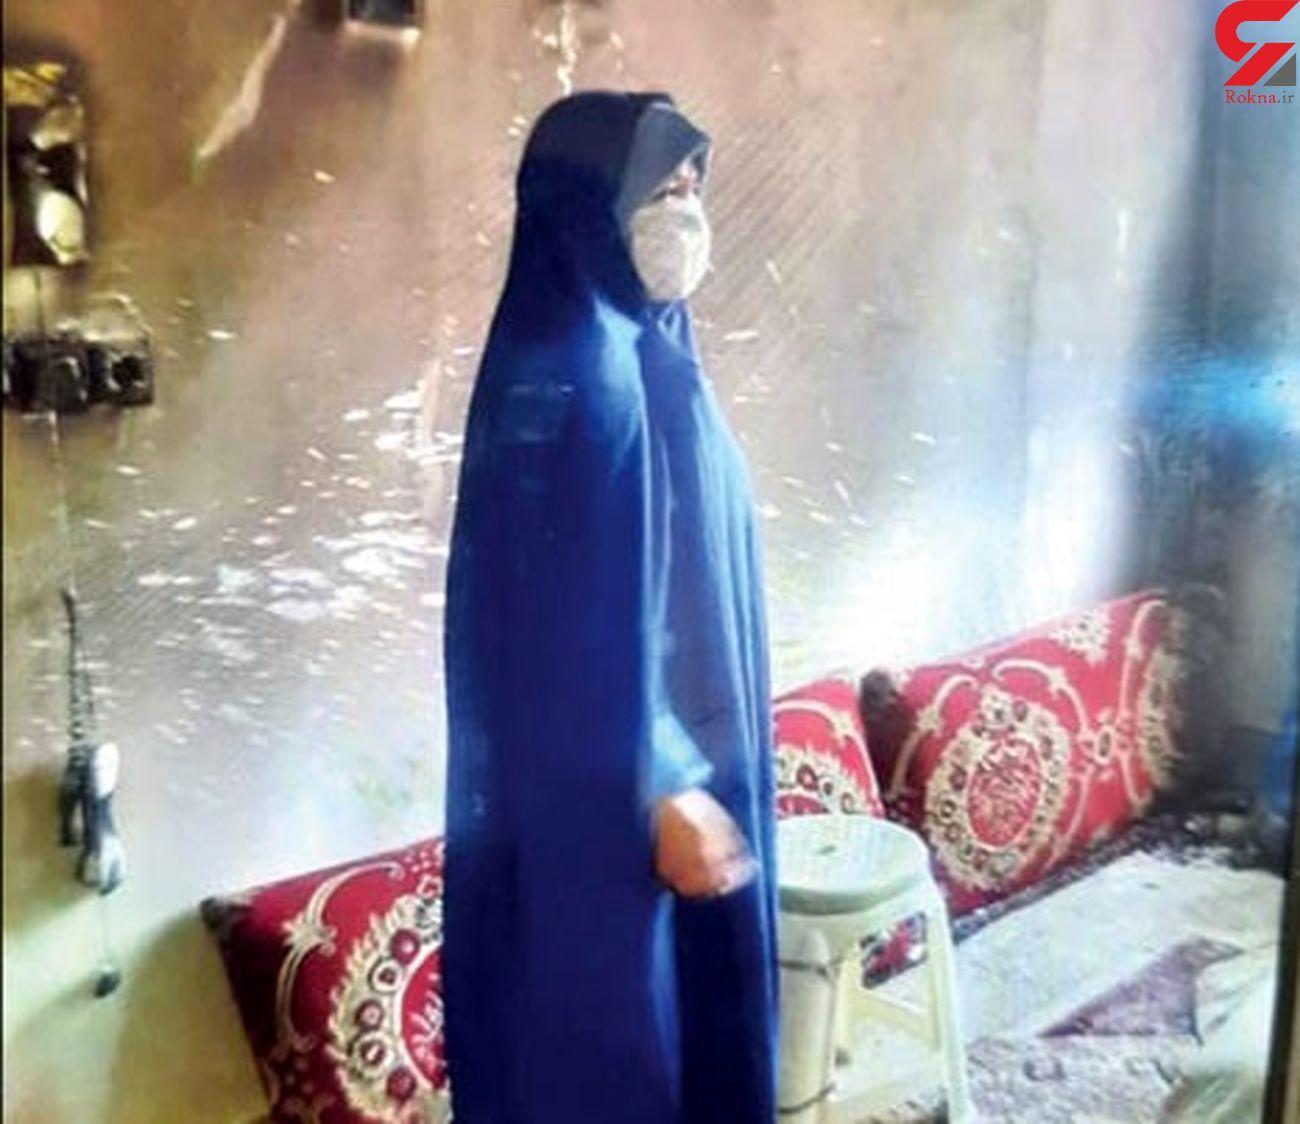 اعتراف زن مشهدی به قتل مرد آزارگر زیر دوش + گفتگو و عکس